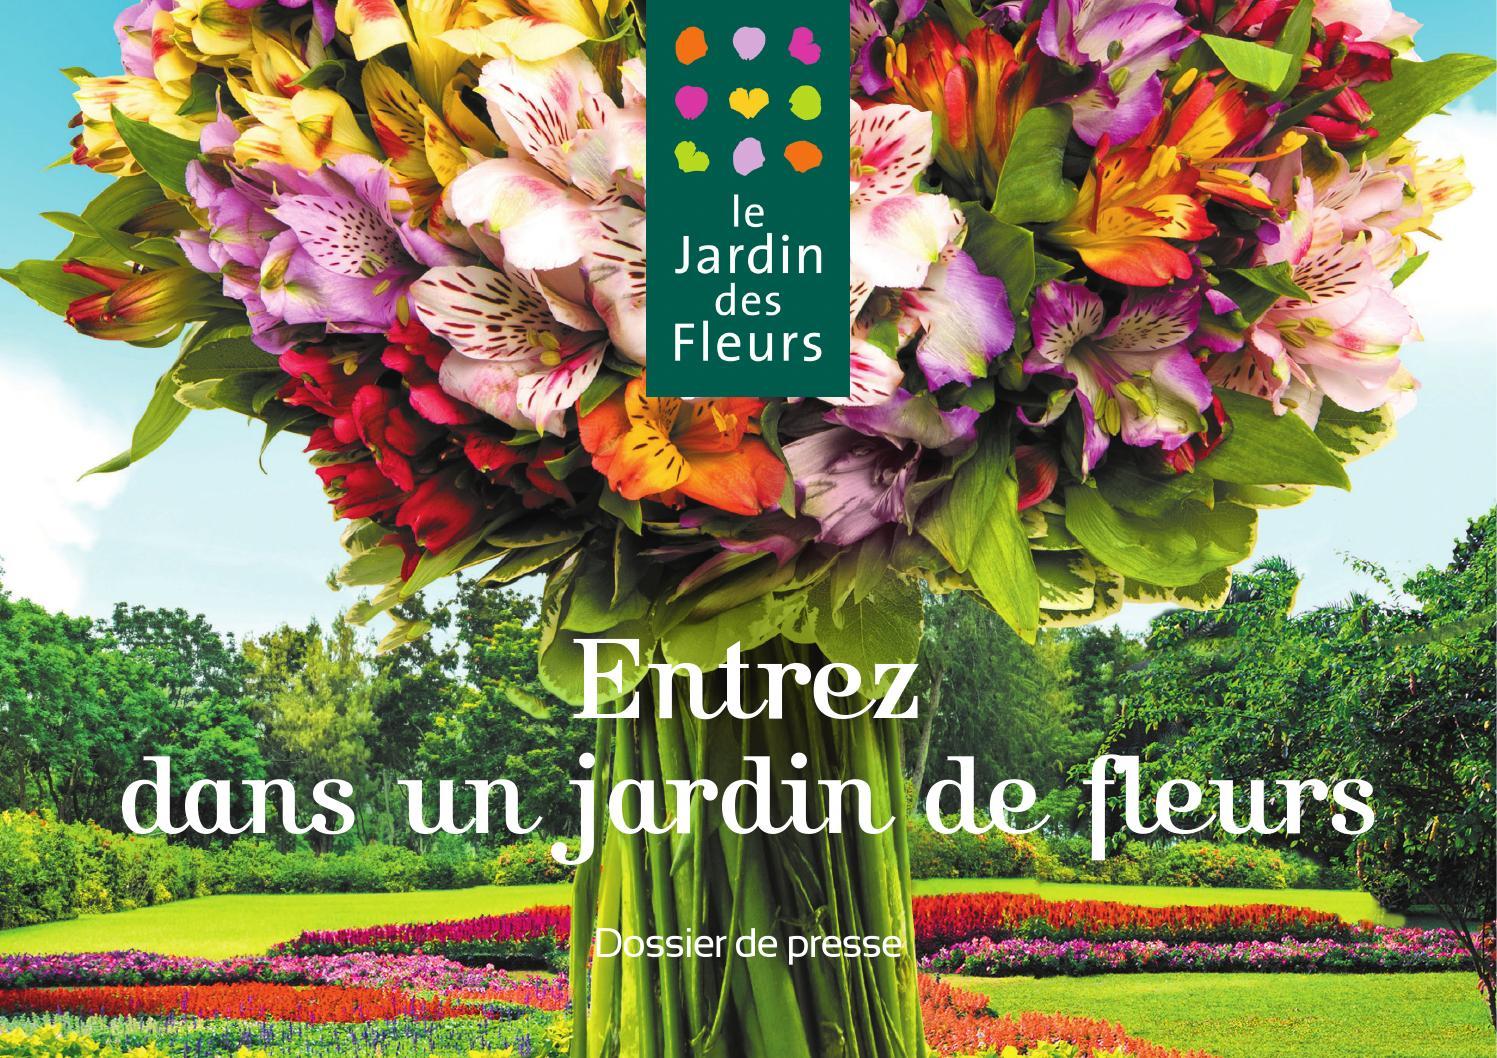 dossier presse le jardin des fleurs 2015 by flora nova issuu. Black Bedroom Furniture Sets. Home Design Ideas